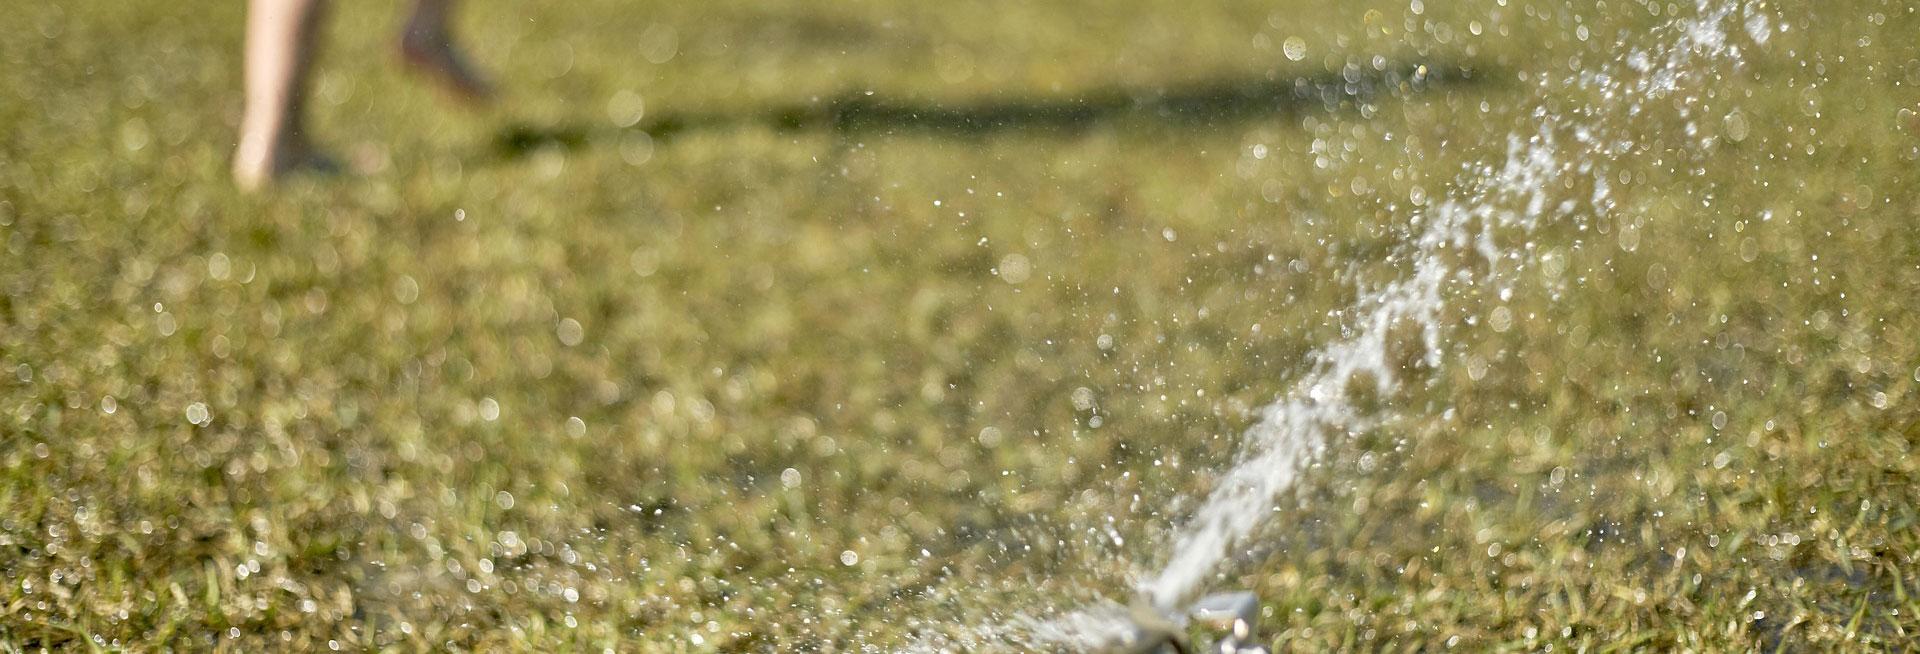 impianto-di-irrigazione